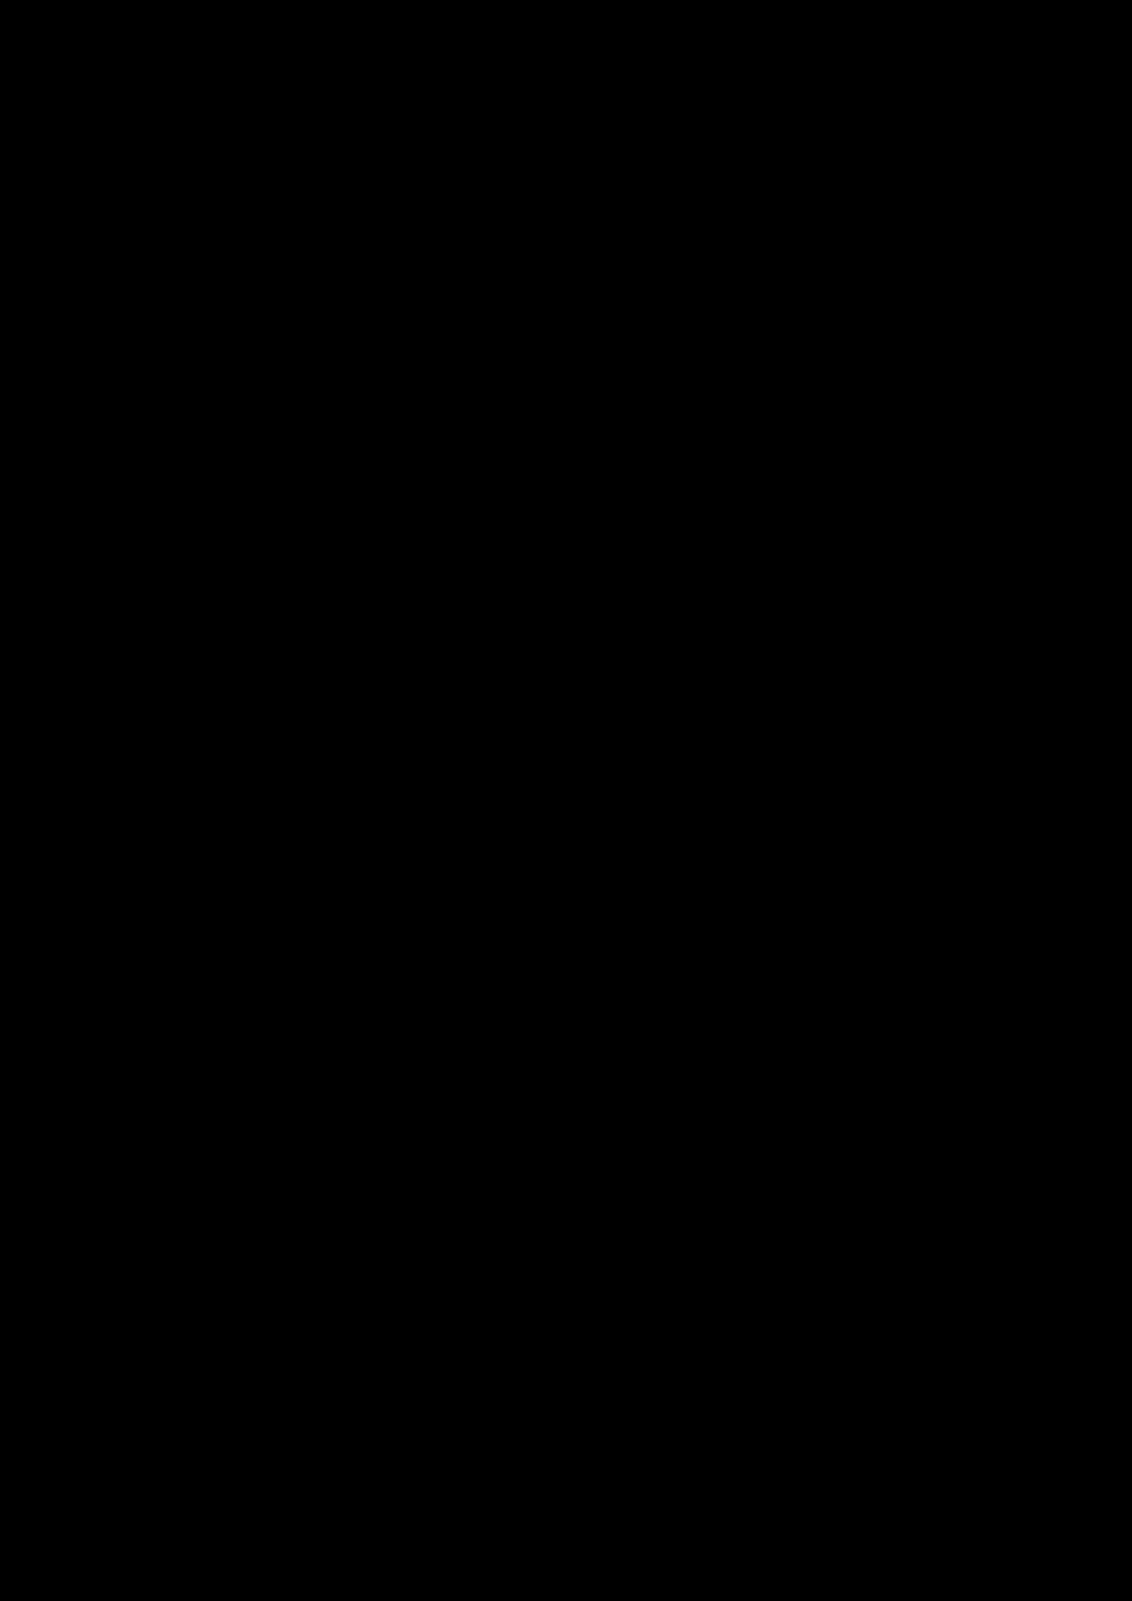 Serdtse slide, Image 39